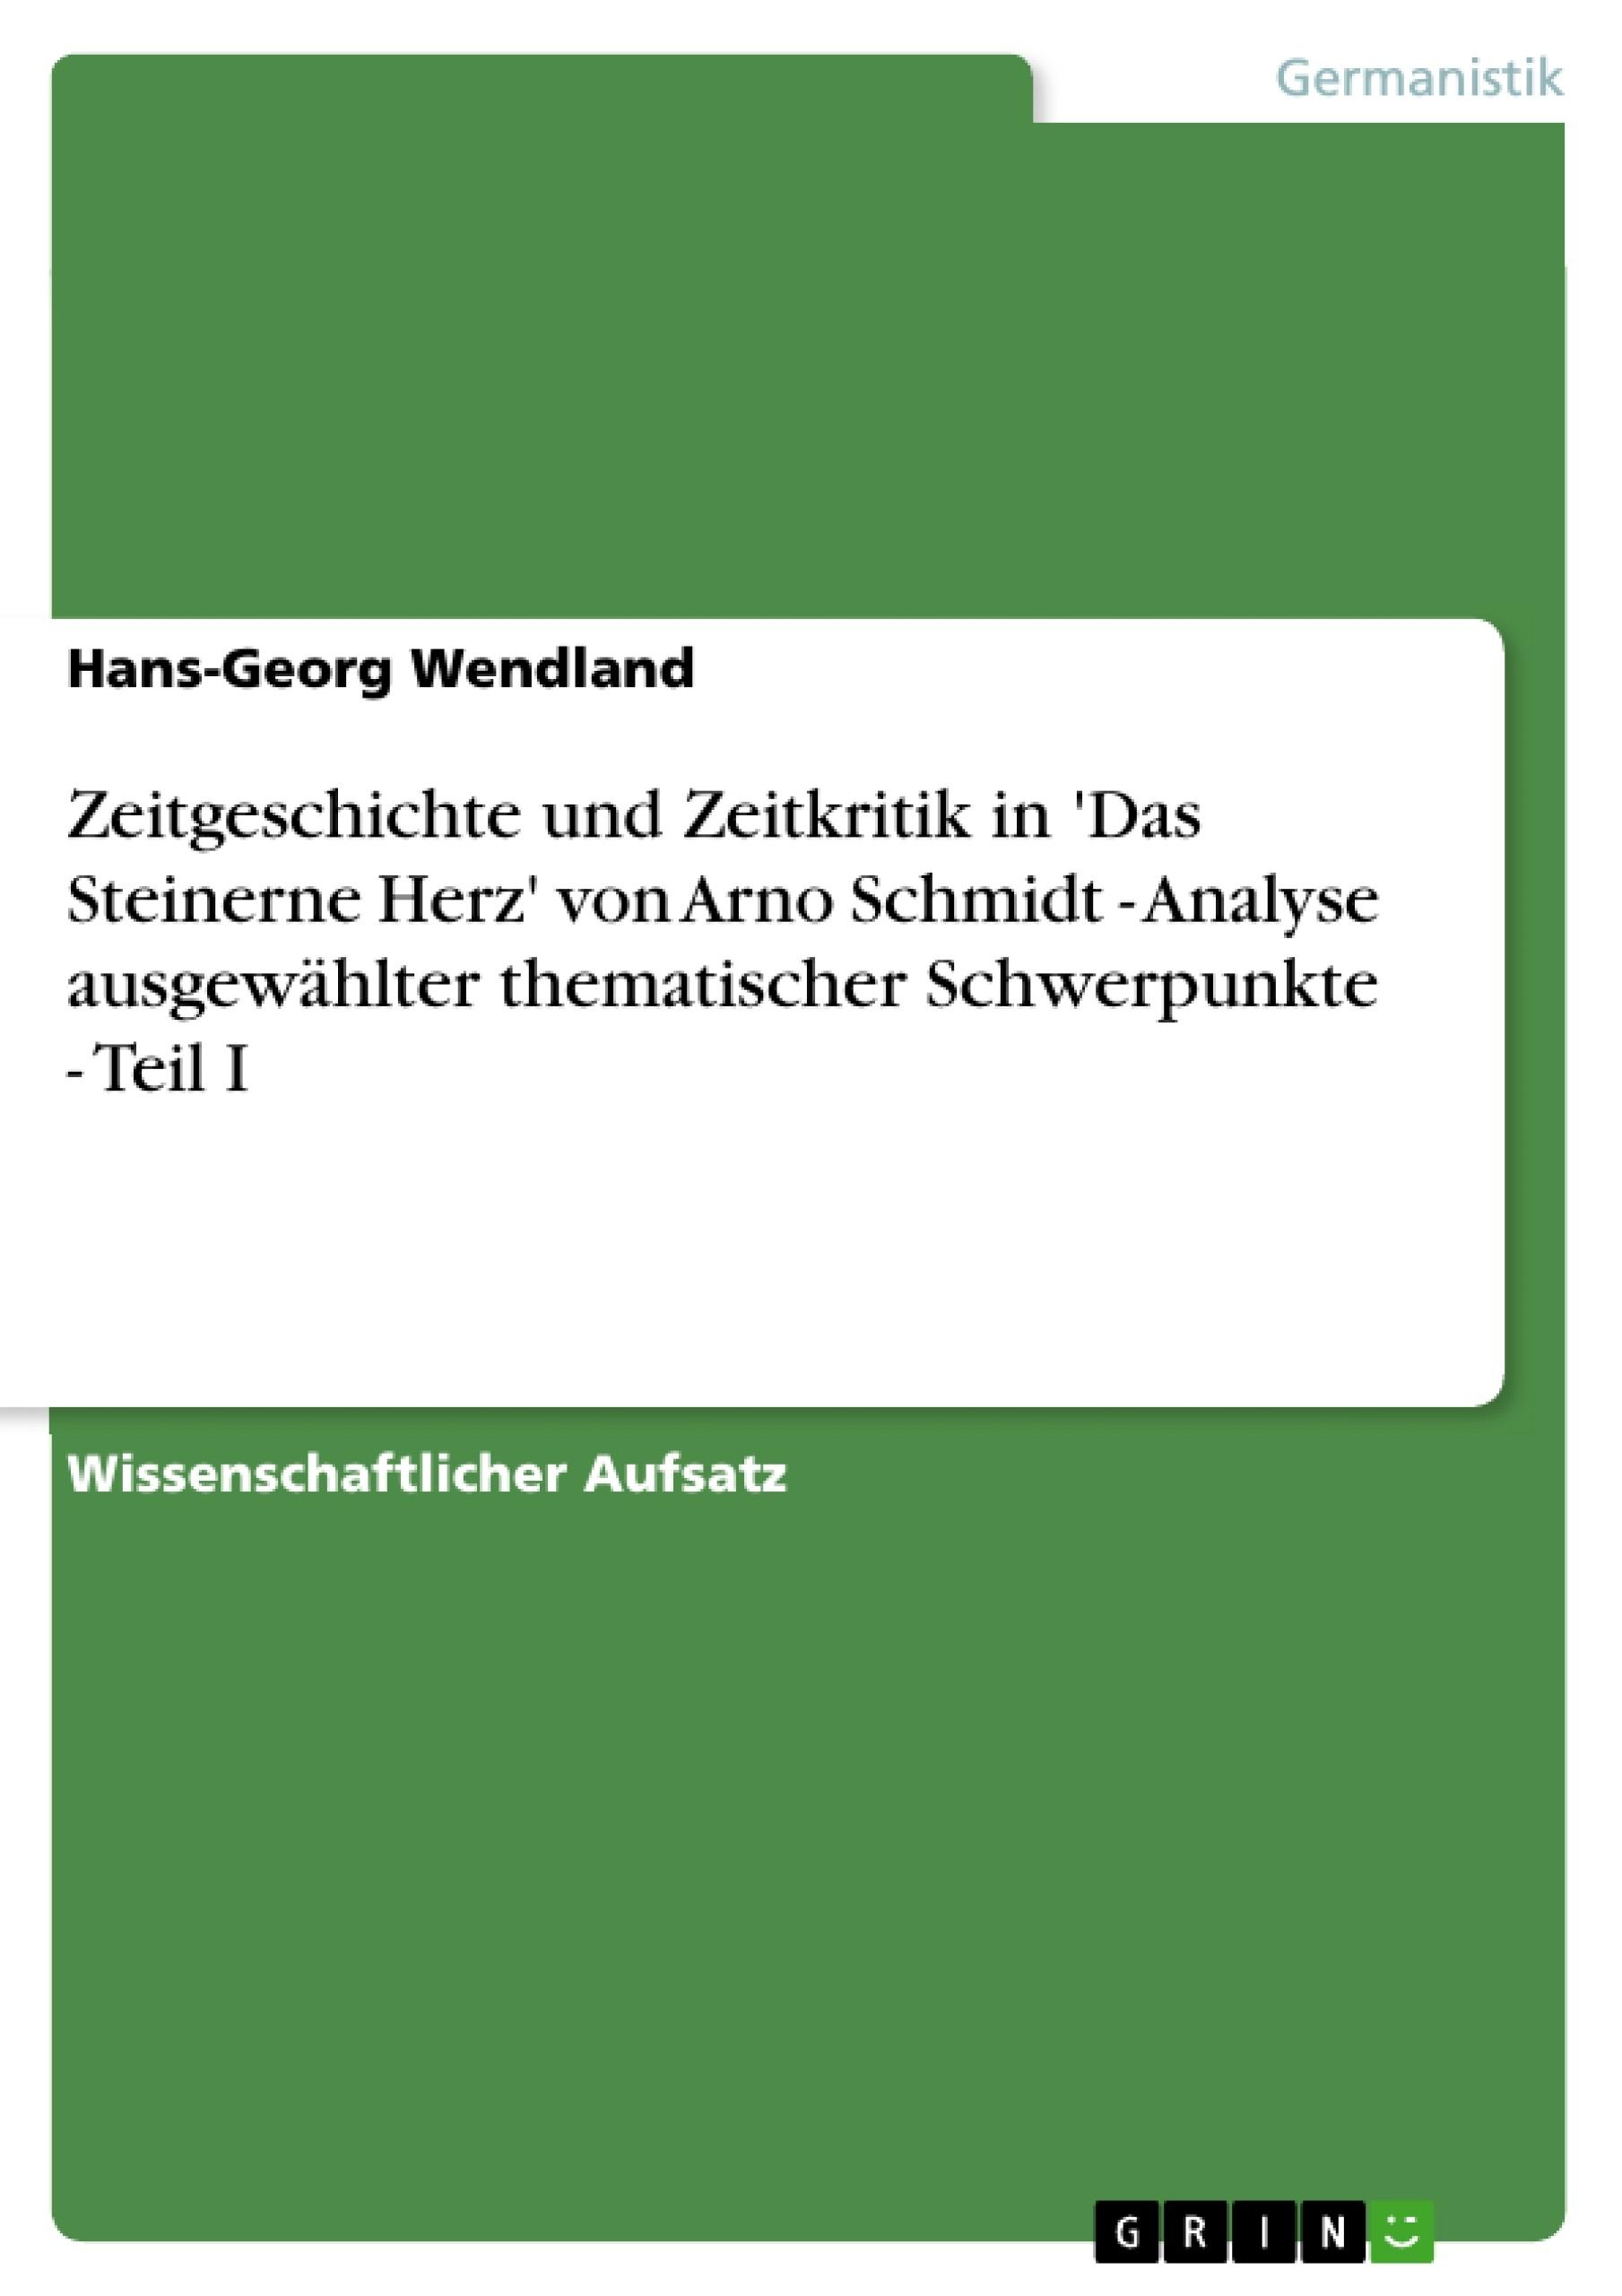 Titel: Zeitgeschichte und Zeitkritik in 'Das Steinerne Herz' von Arno Schmidt - Analyse ausgewählter thematischer Schwerpunkte - Teil I